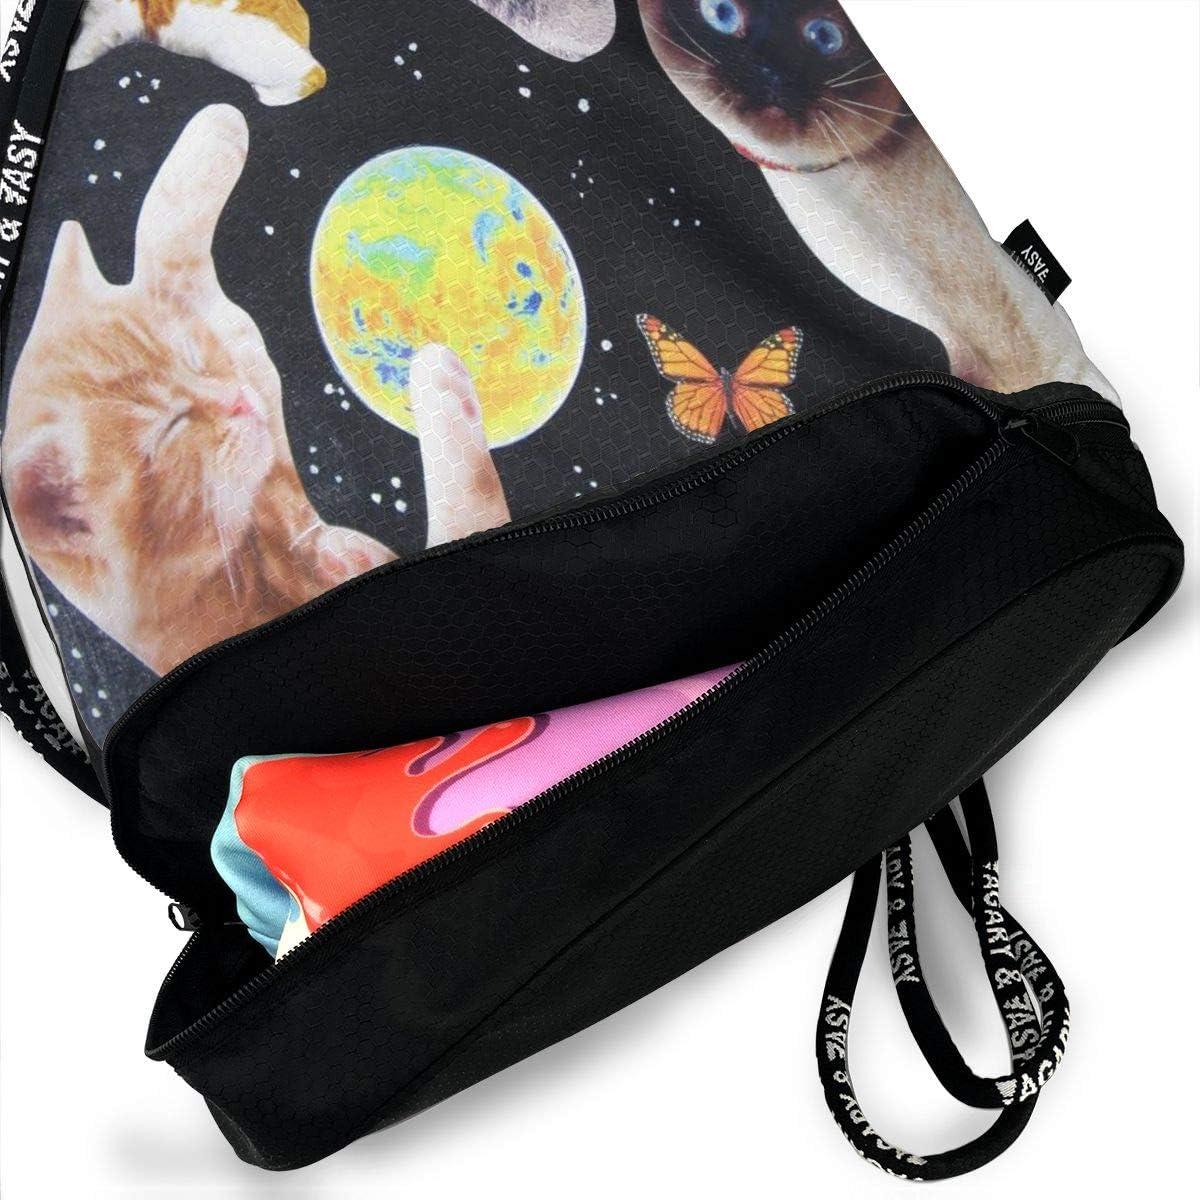 GymSack Drawstring Bag Sackpack Space Cats Sport Cinch Pack Simple Bundle Pocke Backpack For Men Women